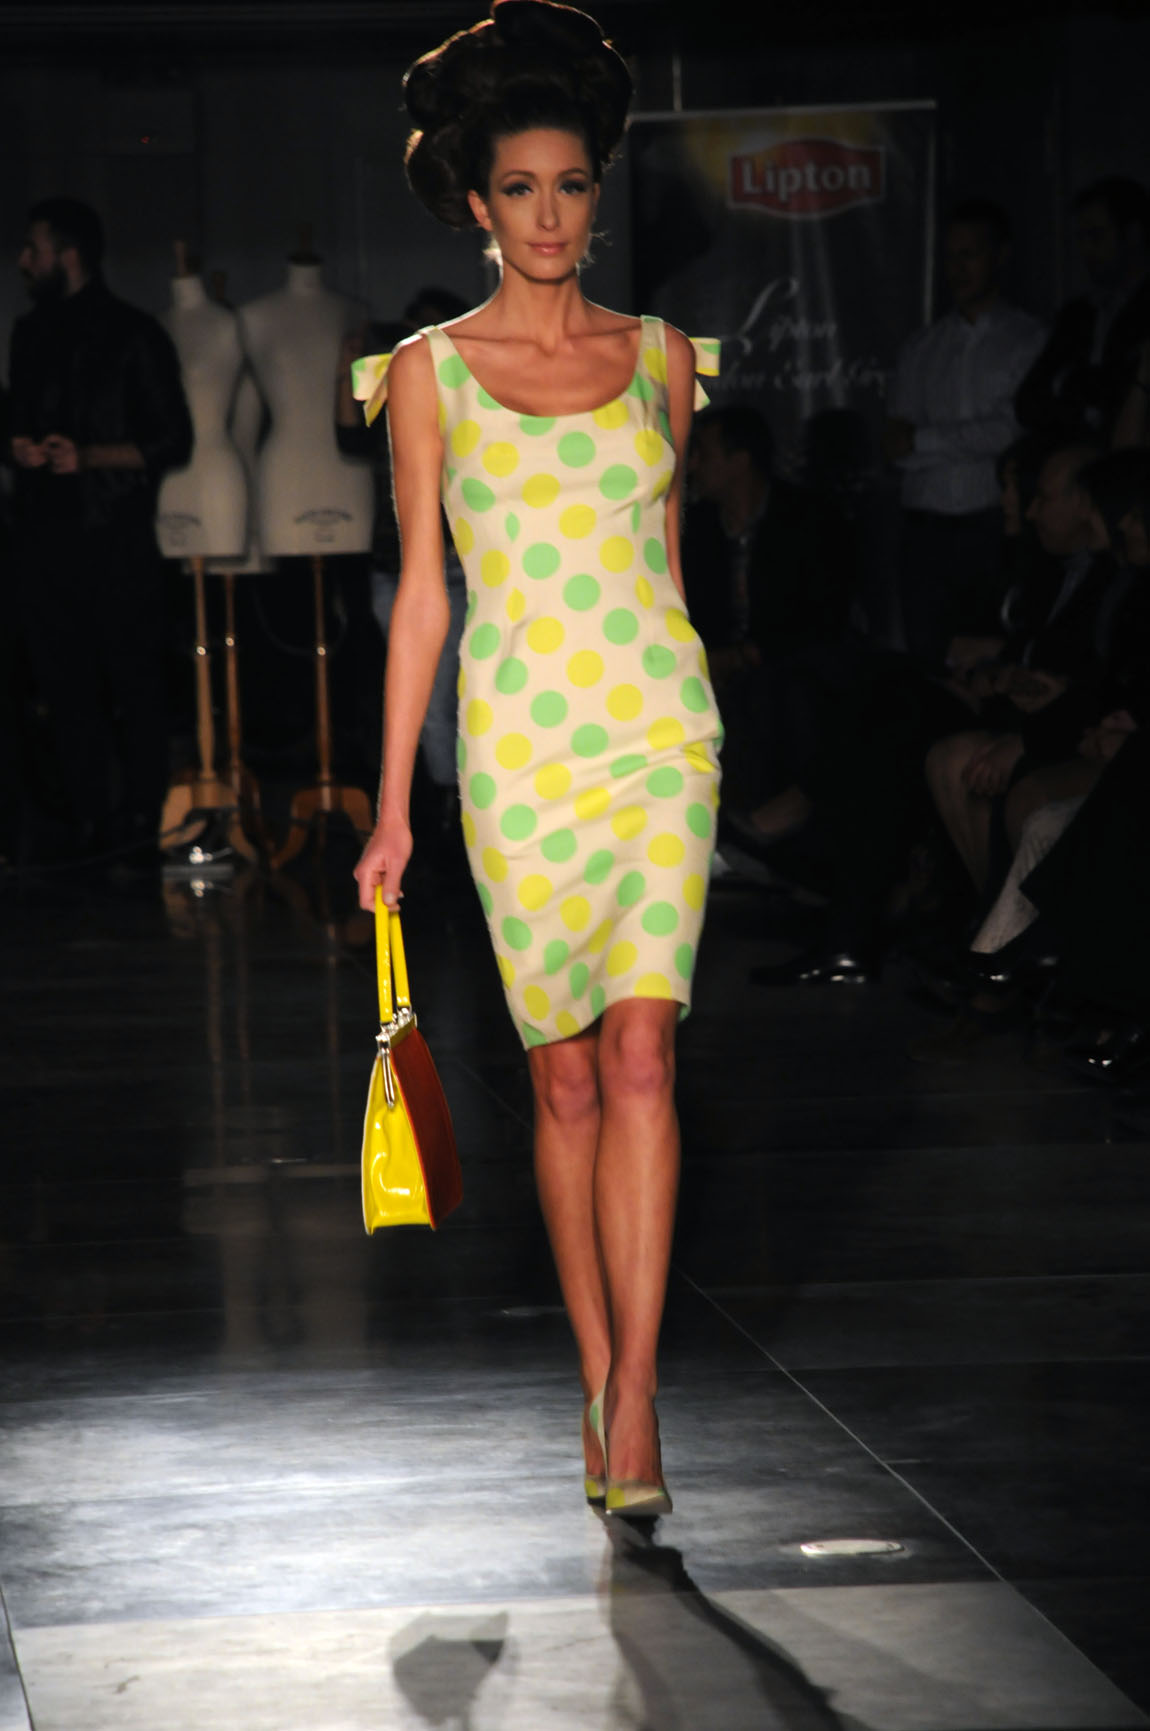 Τα φορέματα πολύ εντυπωσιακά αφήνοντας μία αίσθηση γλύκας... Εκλεπτυσμένη  κομψότητα 0bf678df9f9